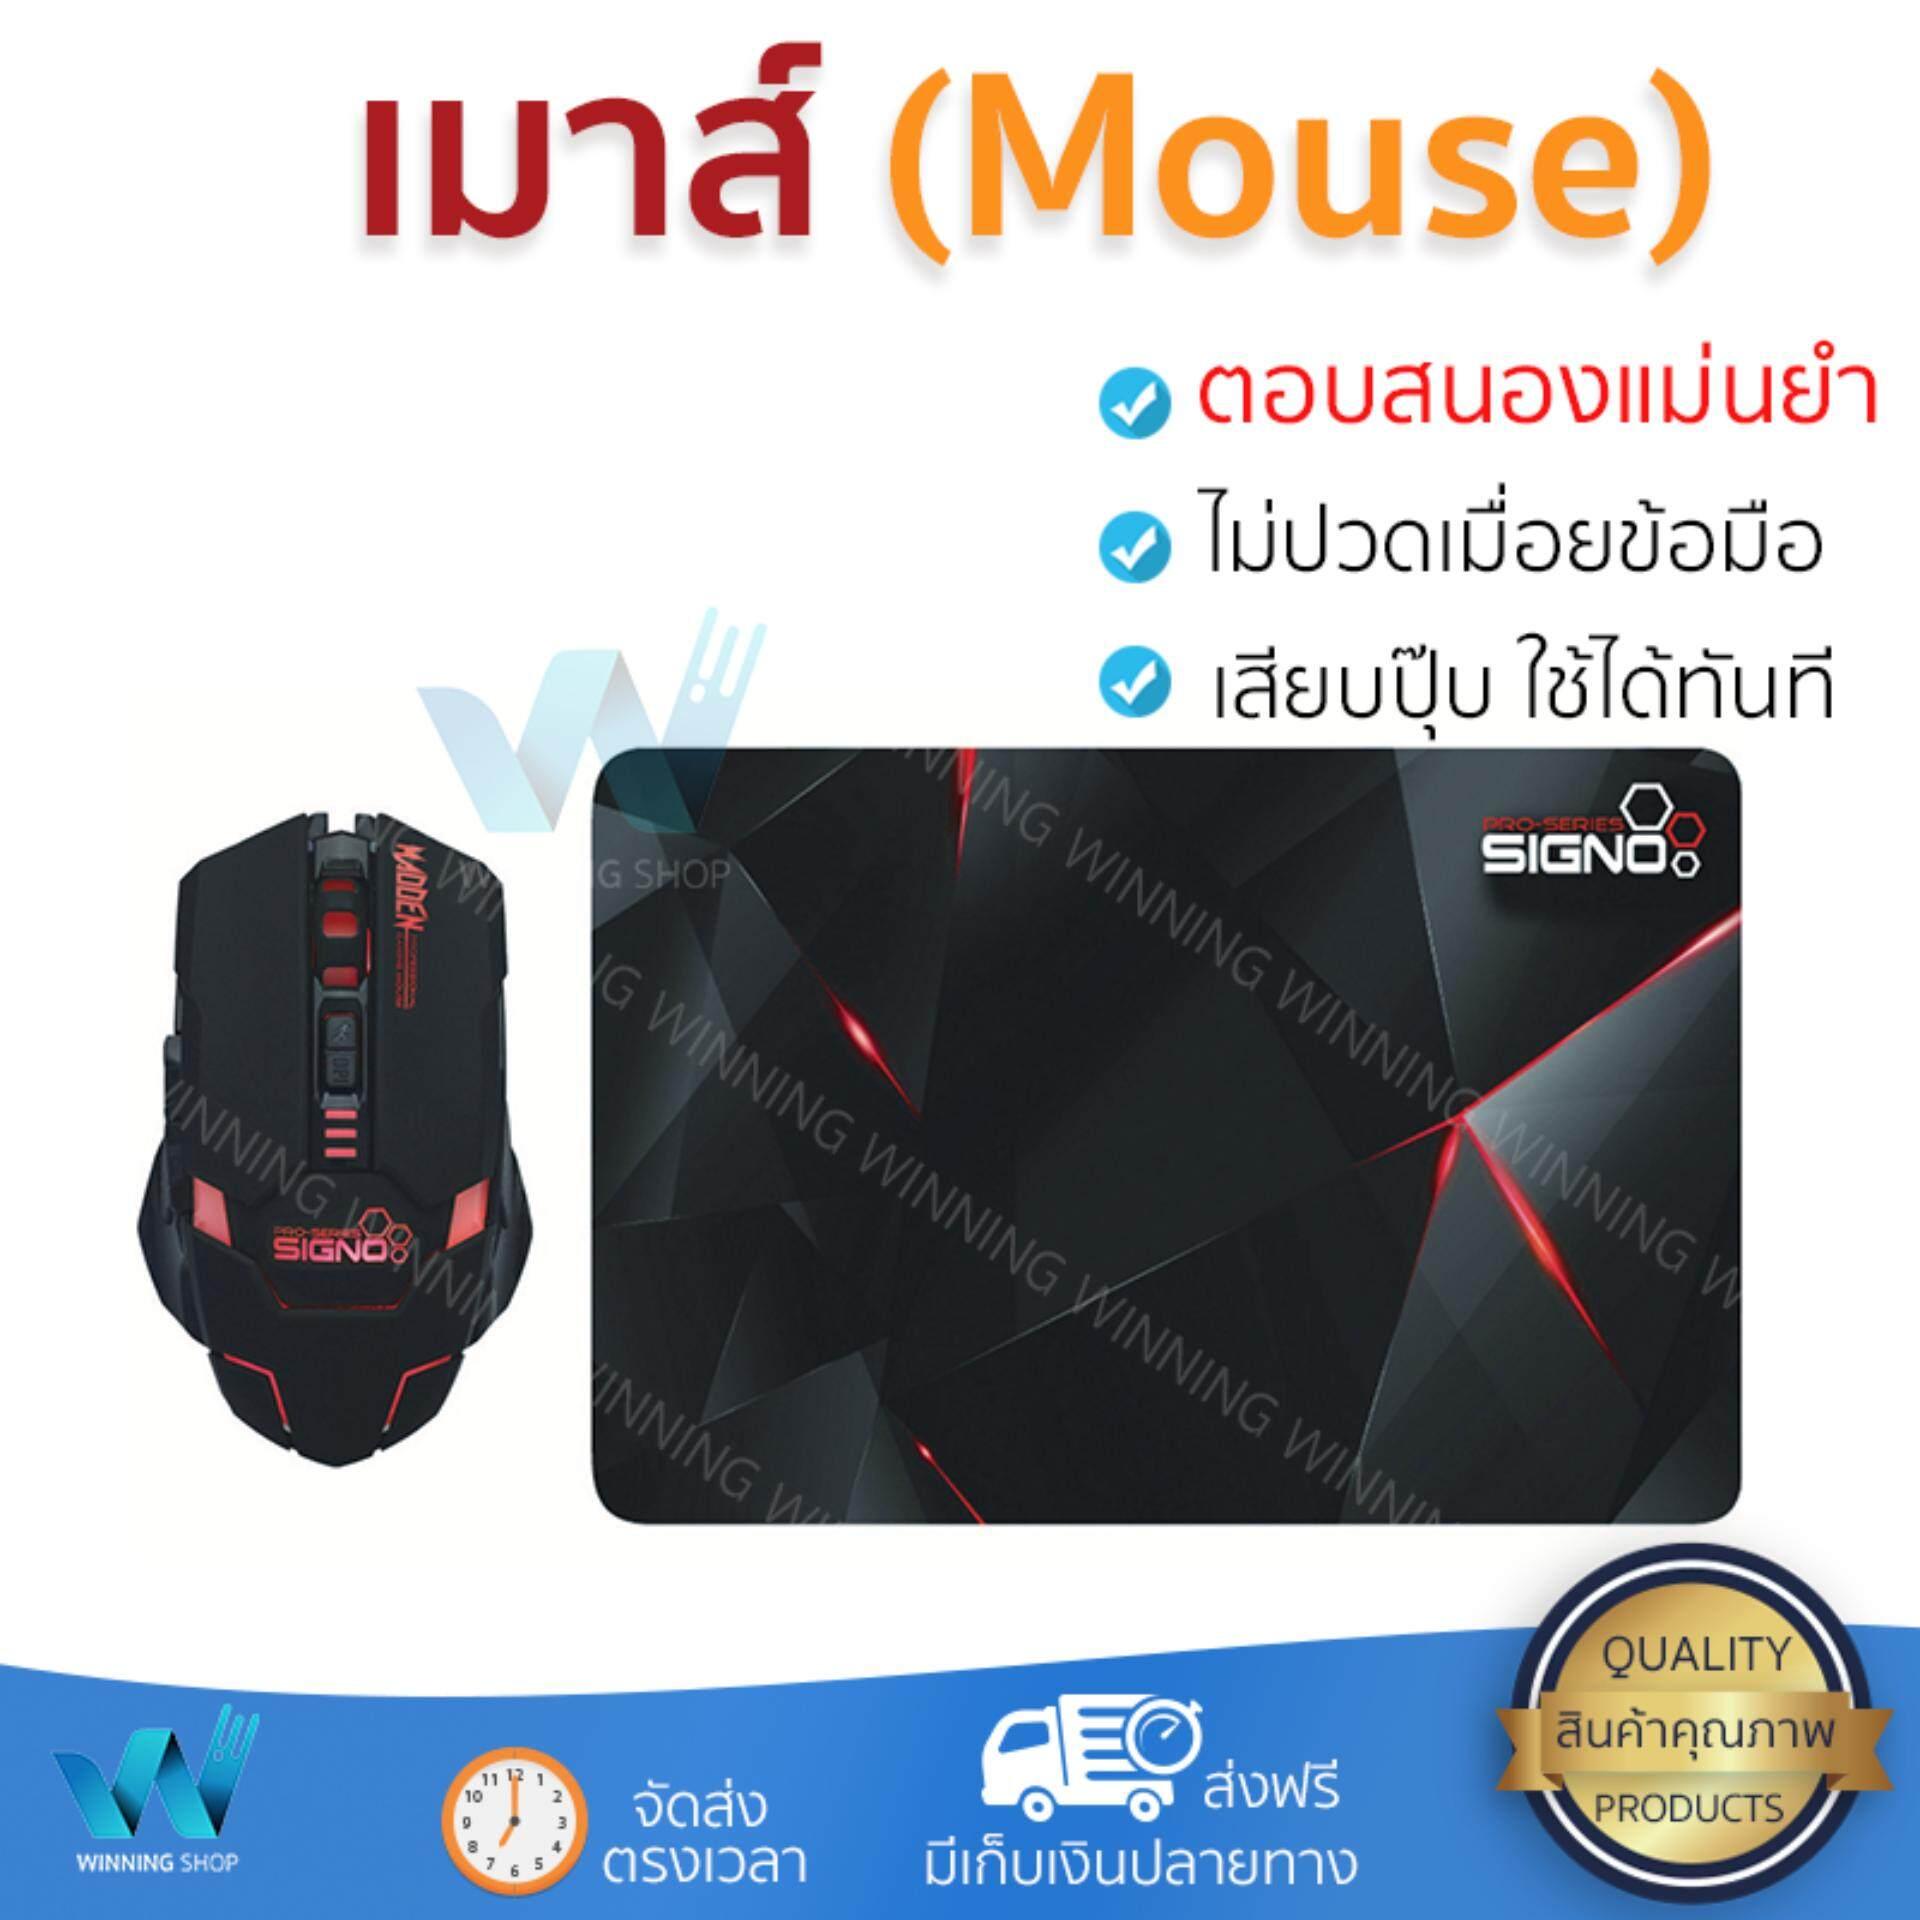 ลดสุดๆ รุ่นใหม่ล่าสุด เมาส์           SIGNO เมาส์เกมมิ่ง + แผ่นรองเมาส์ (สีดำ) รุ่น GM-909BLK             เซนเซอร์คุณภาพสูง ทำงานได้ลื่นไหล ไม่มีสะดุด Computer Mouse  รับประกันสินค้า 1 ปี จัดส่งฟรี Ke